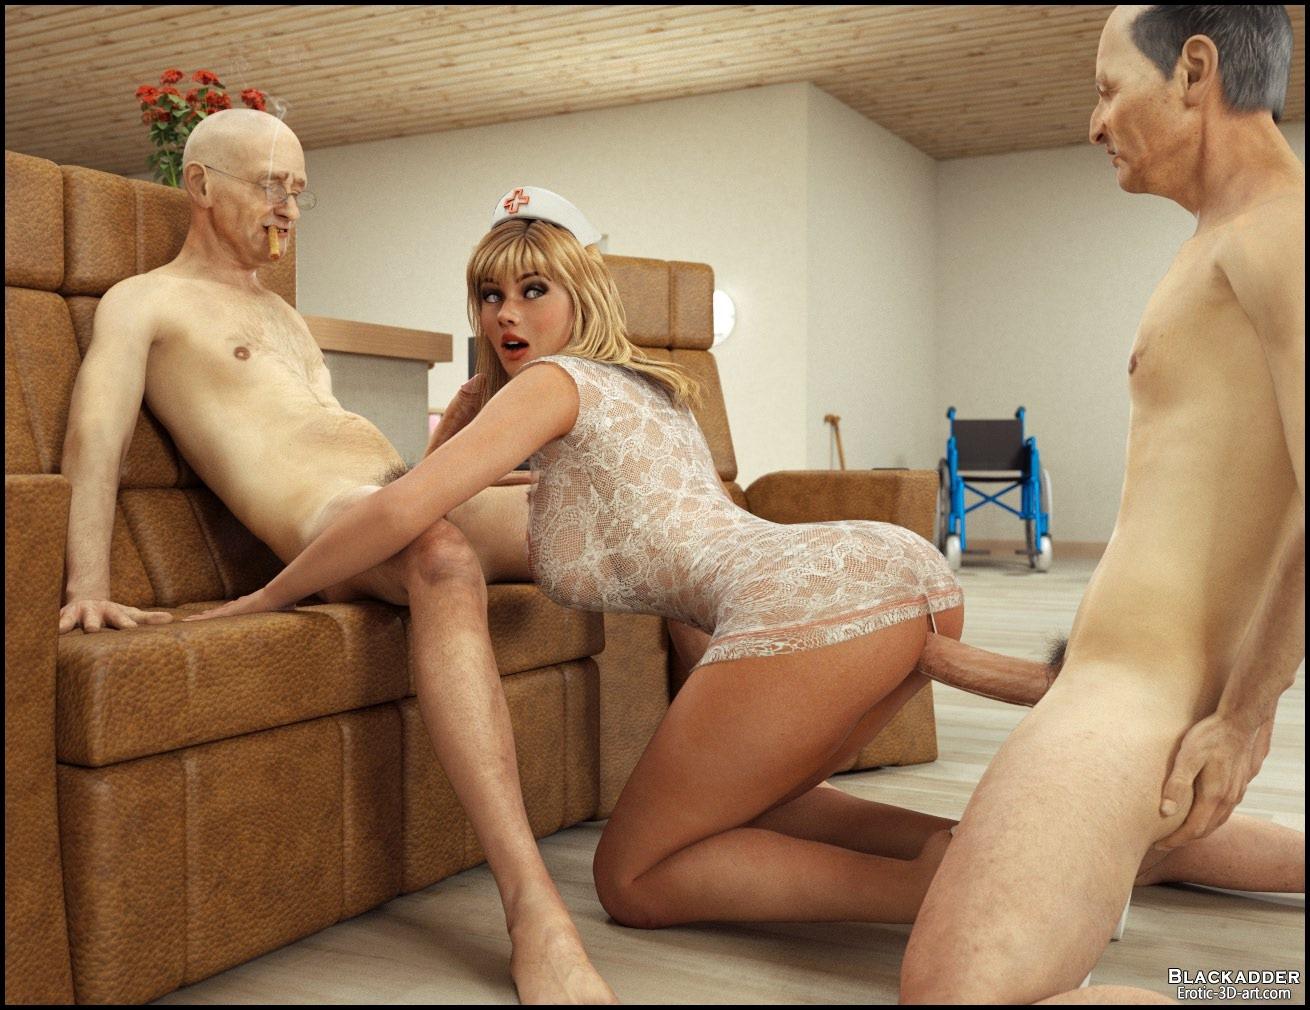 внук ебет бабку смотреть порно